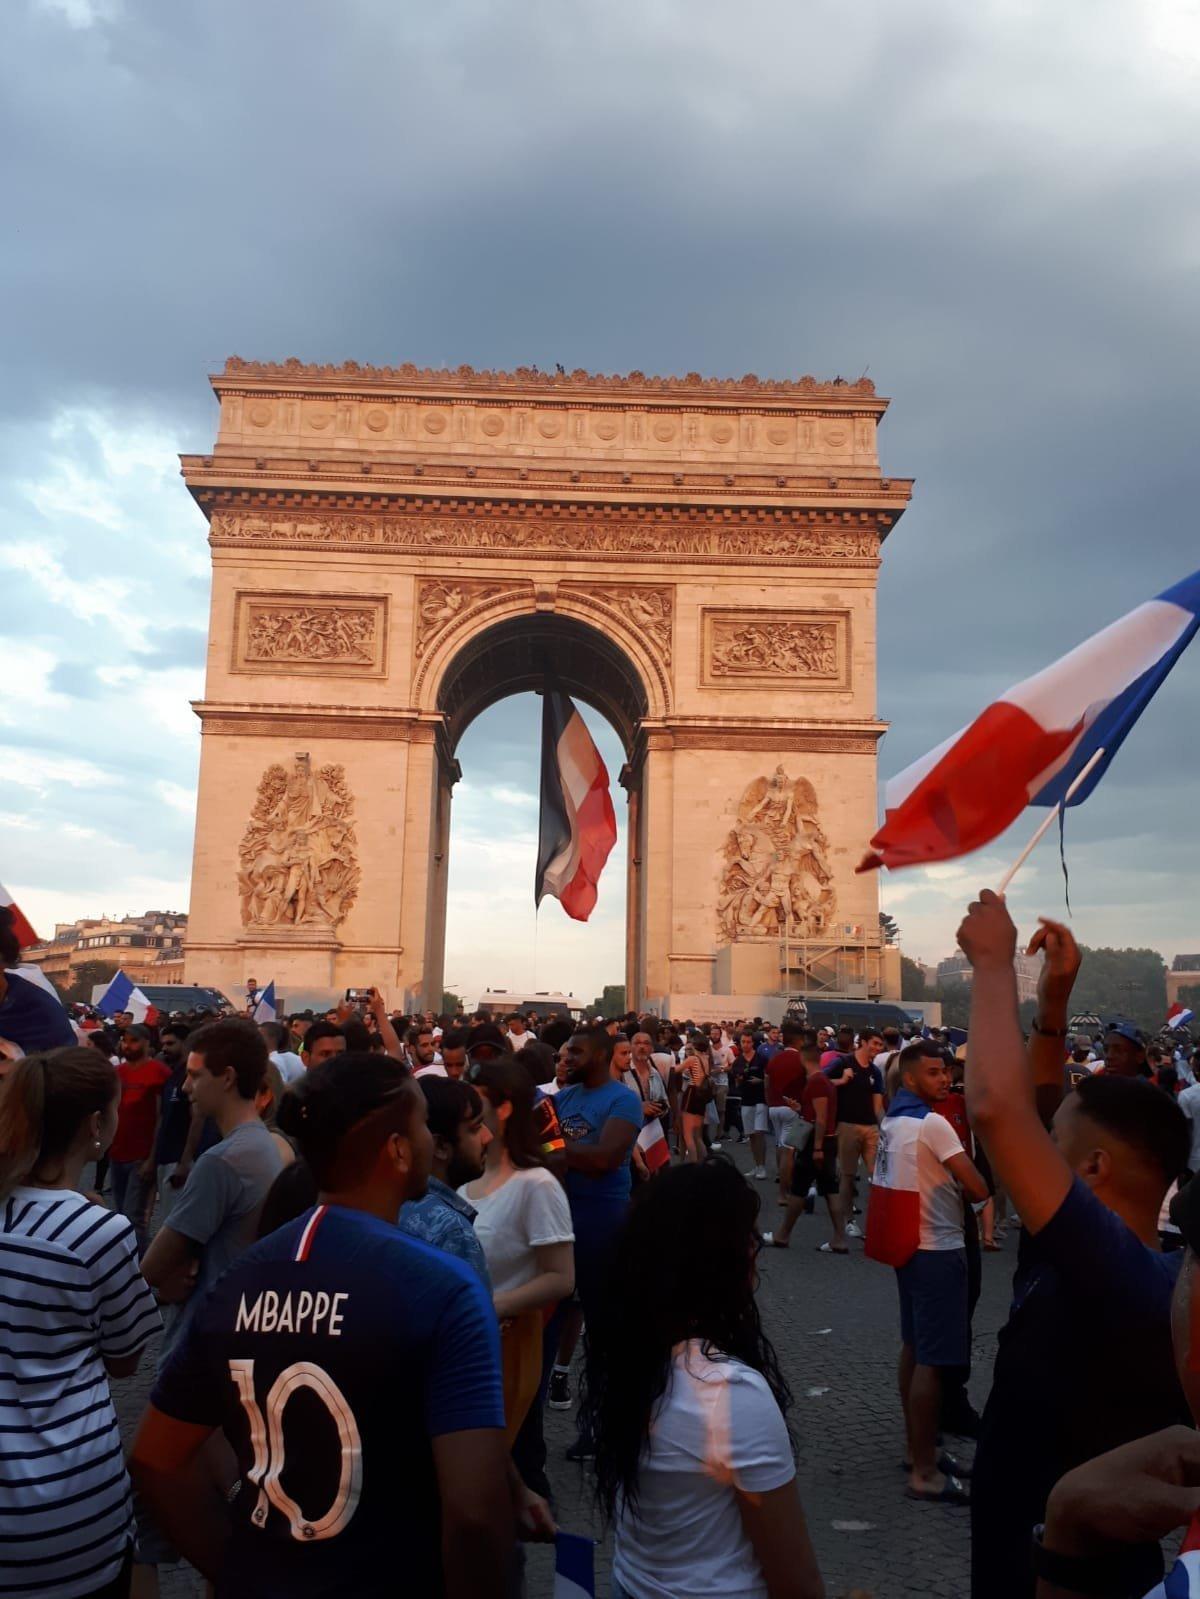 El arco del triunfo fue el centro de las celebraciones por la victoria de Francia como campeón del mundo